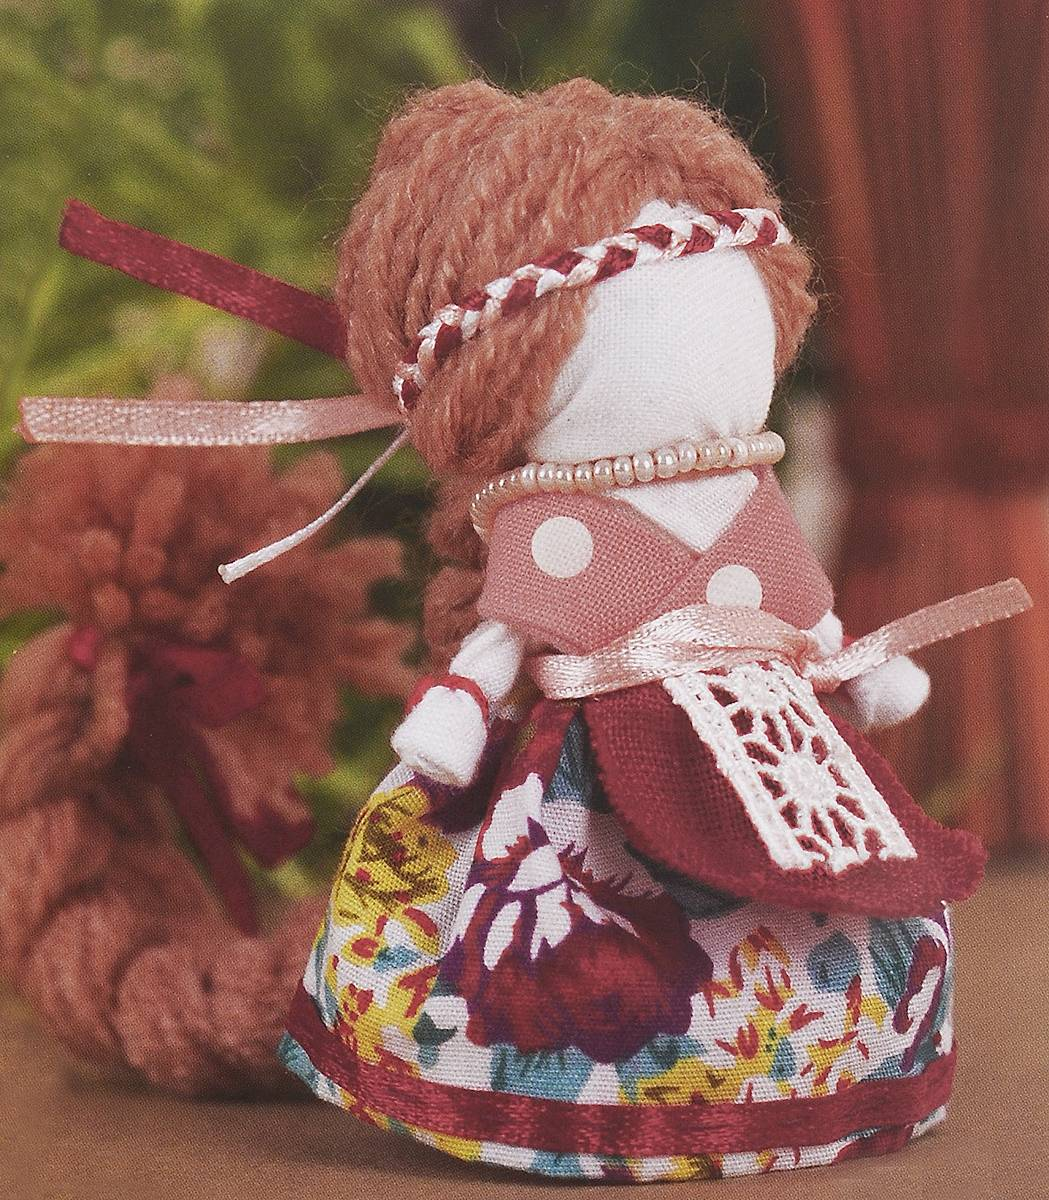 Описание и значение куклы-оберега на счастье. мастер-класс по изготовлению